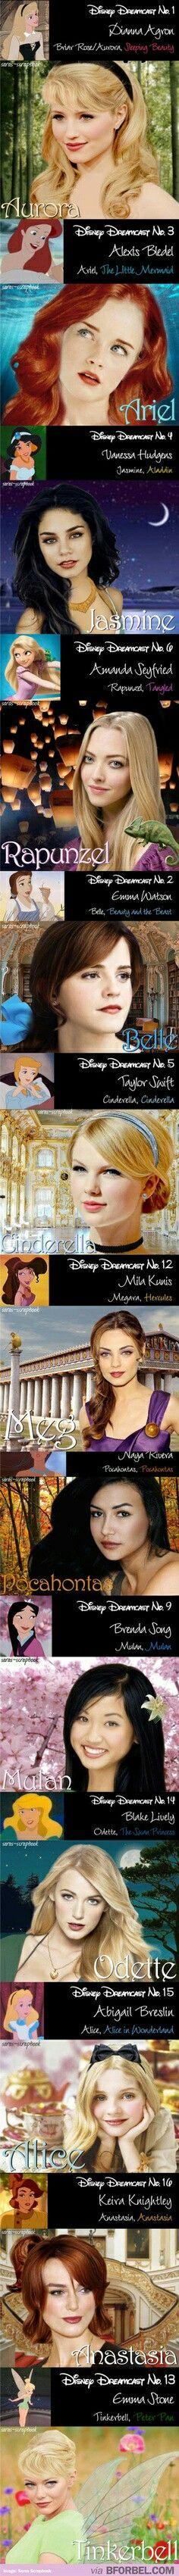 Disney princesses in real life:)